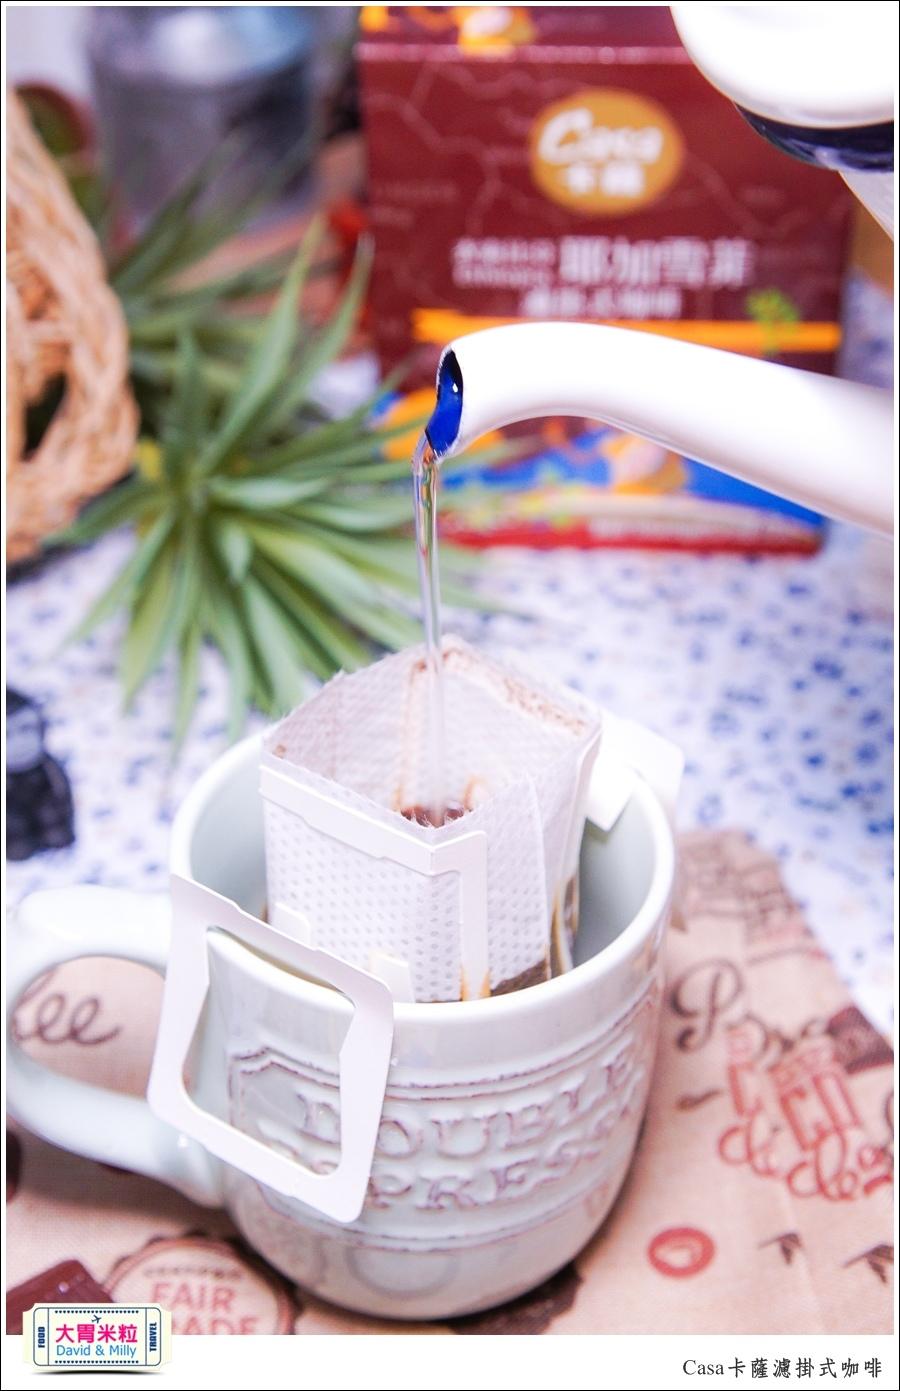 CASA卡薩濾掛式咖啡推薦-耶加雪菲咖啡@大胃米粒0011.jpg